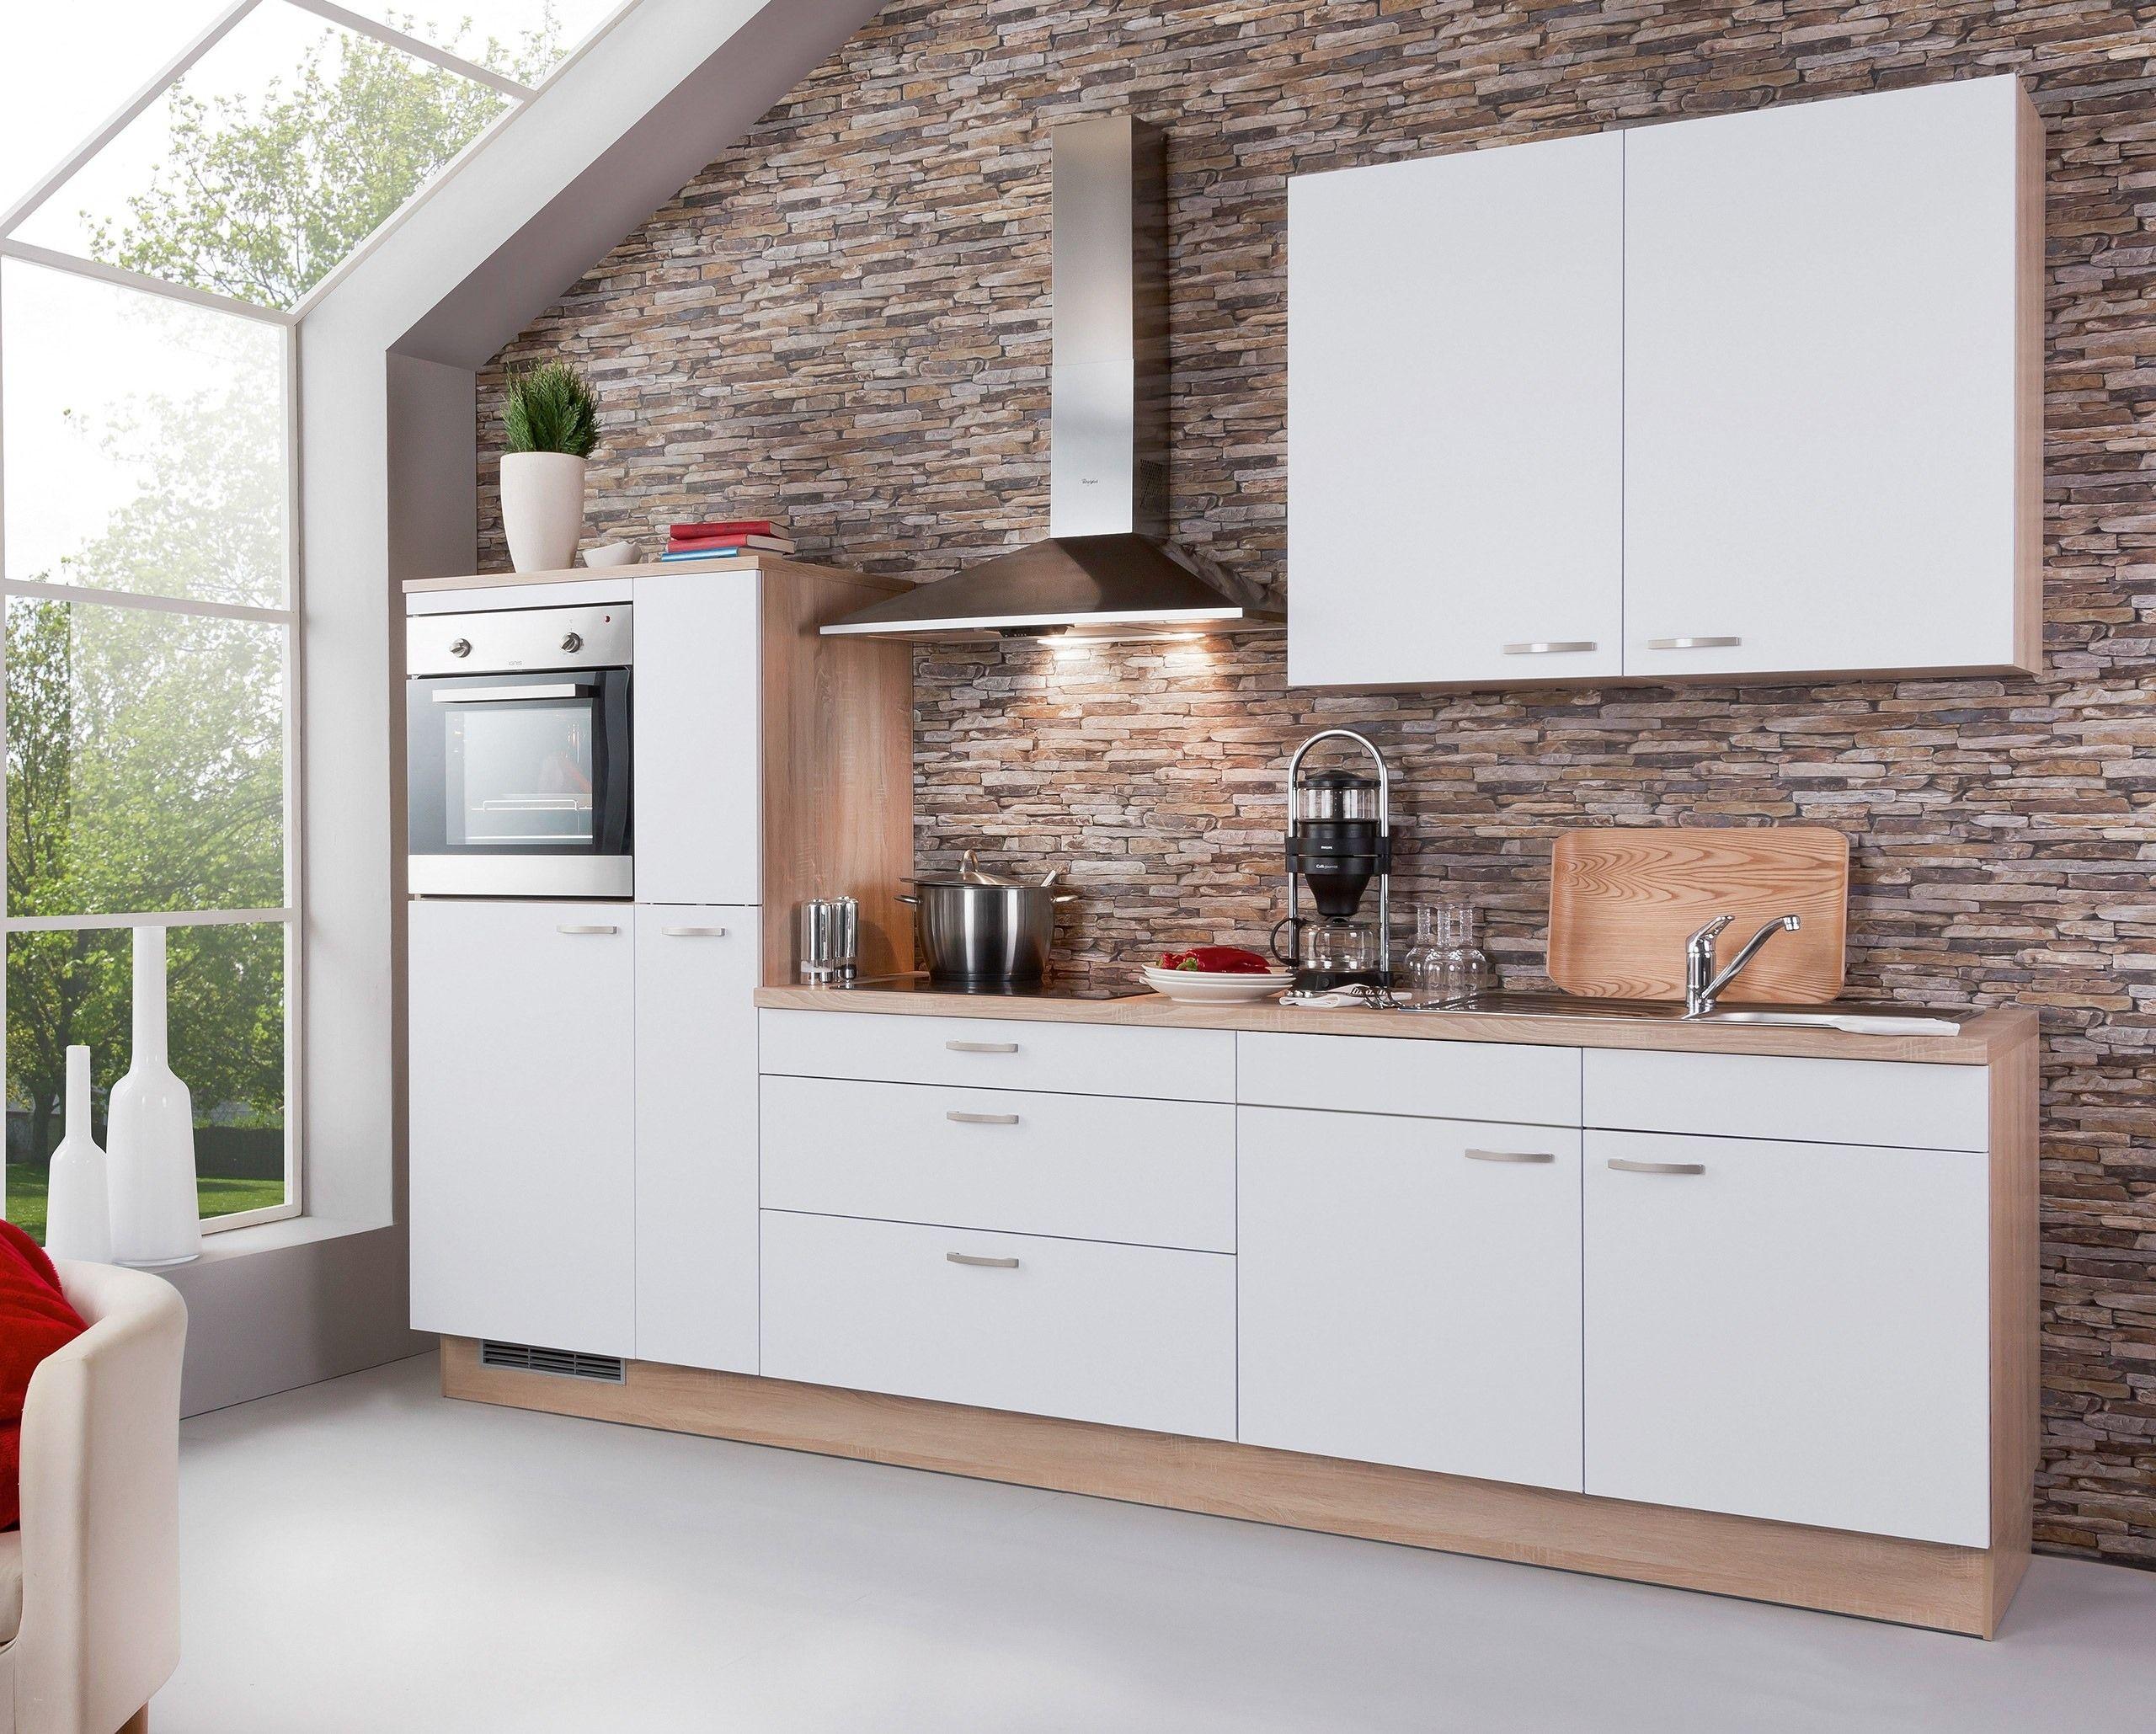 9 Neu Küchenzeile Roller  Ikea küche, Sitzecke küche, Küche